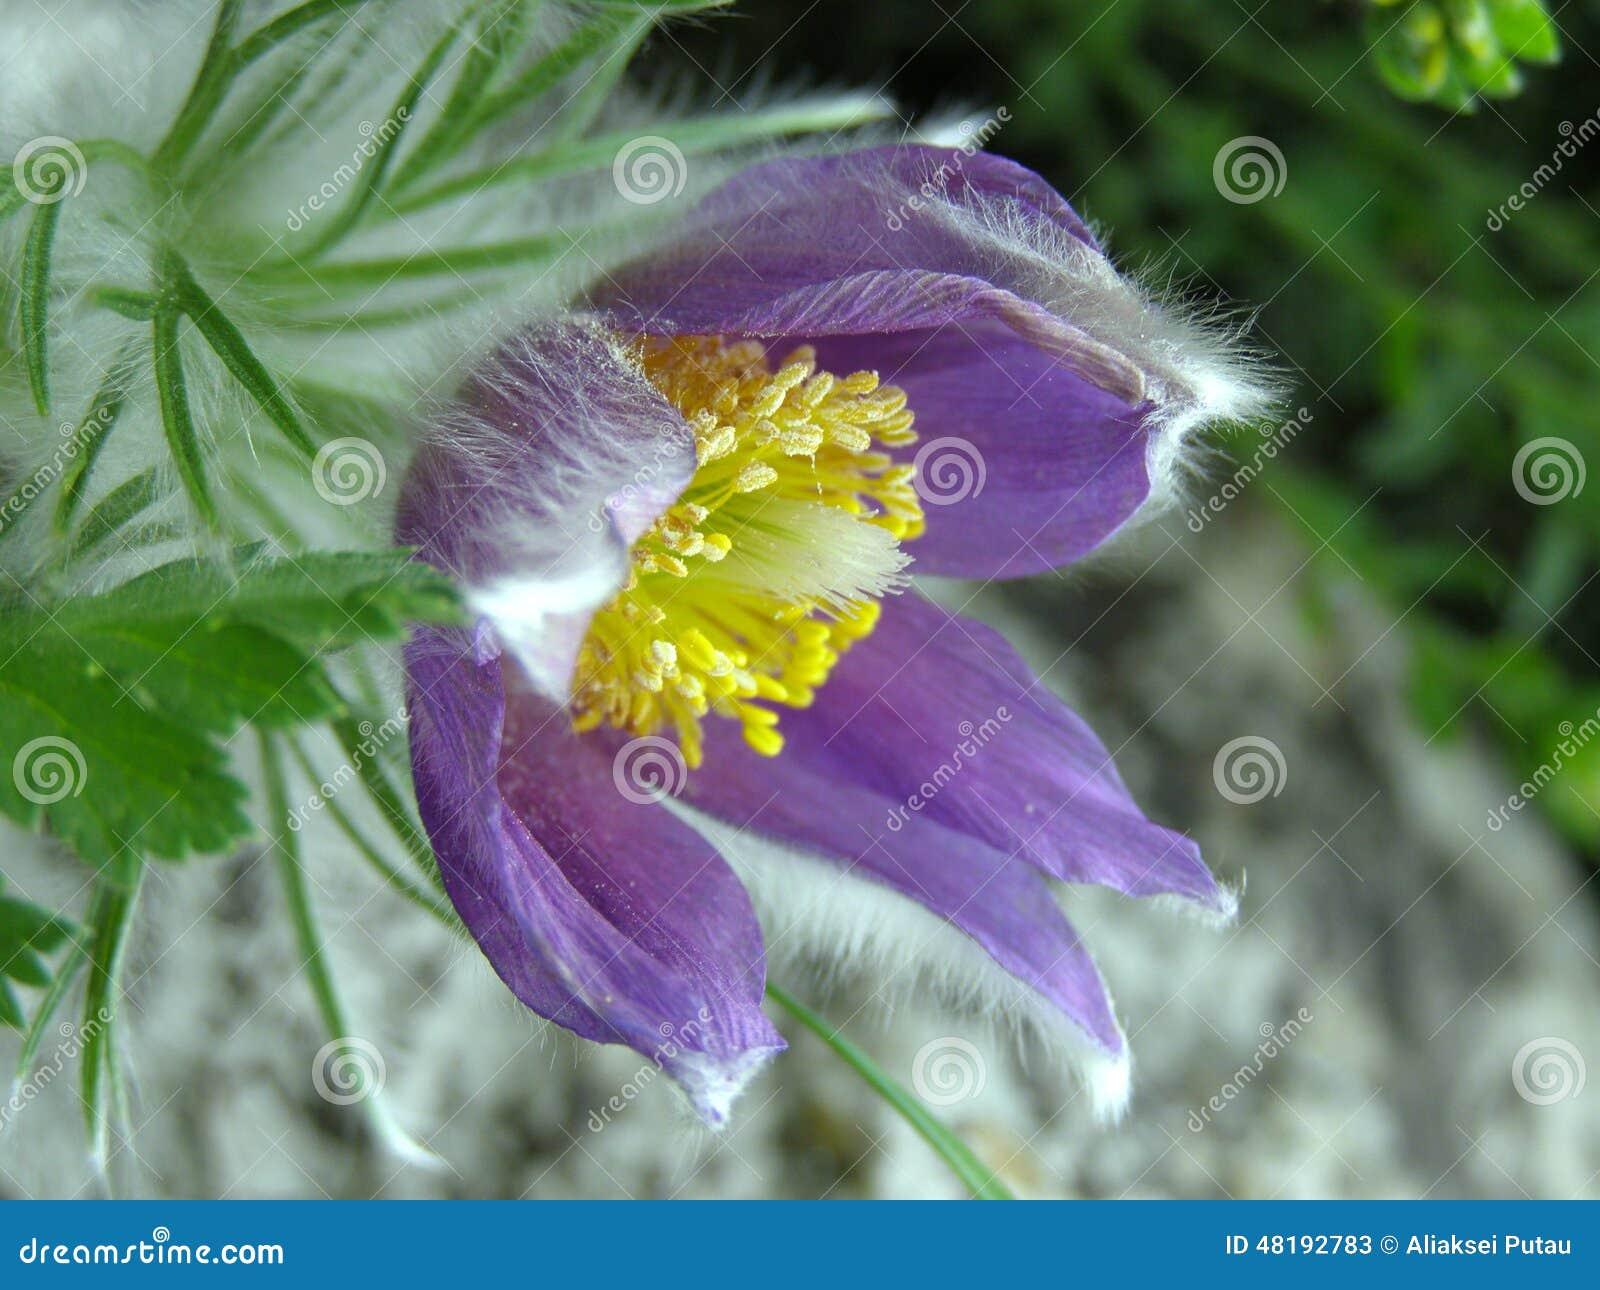 Purple fuzzy flower stock image image of fuzzy spring 48192783 purple fuzzy flower mightylinksfo